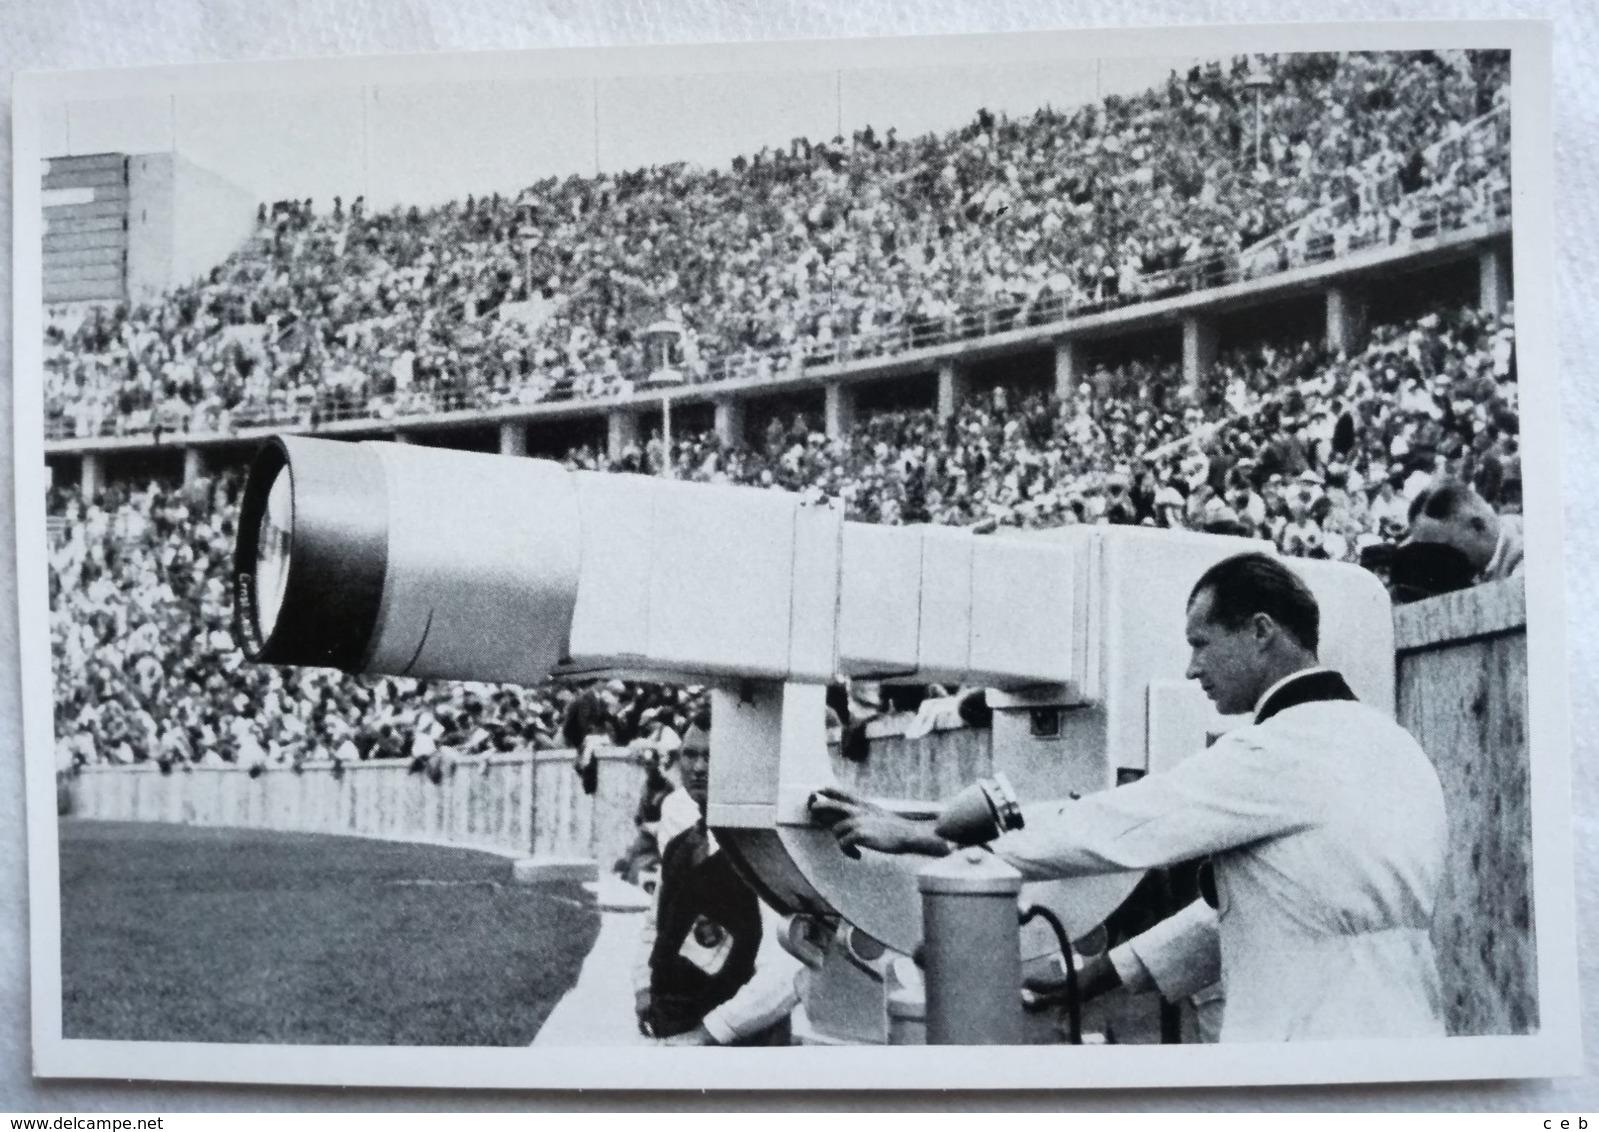 Foto Cromo Olimpiada De Berlín. Nº 194. Estadio, Telescopio. 1936. Alemania. Pre II Guerra Mundial. Gruppe 60. ORIGINAL - Tarjetas